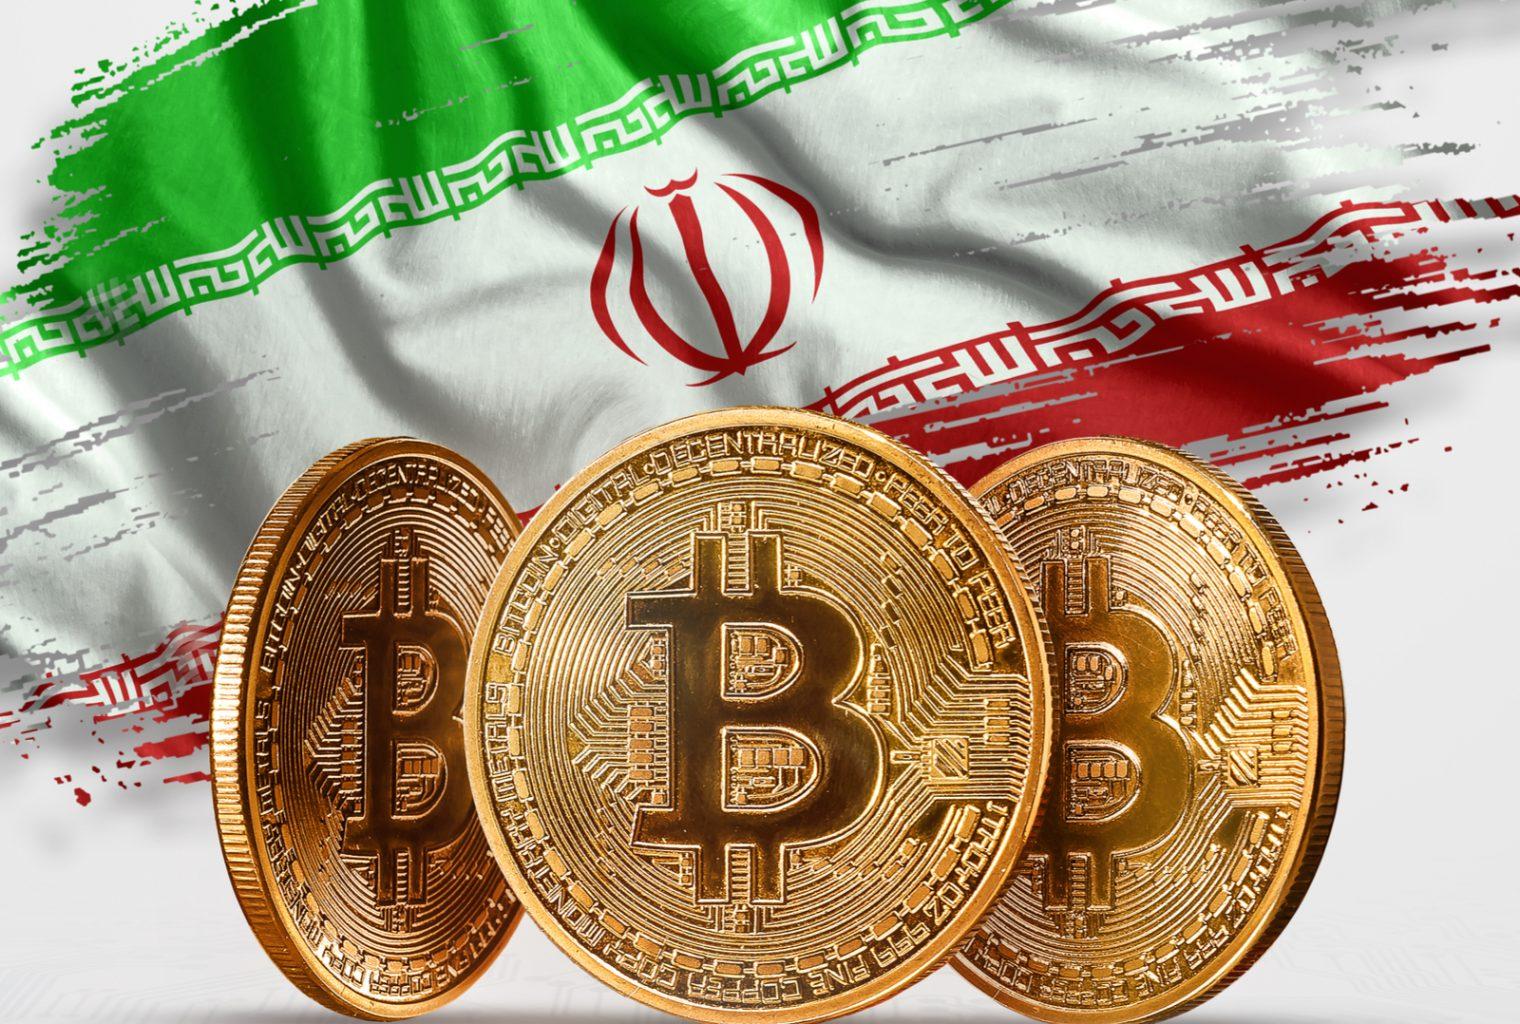 ماینرها در ایران - دستور اجرایی شدن مصوبه مربوط به تعیین تکلیف تجهیزات استخراج رمزارز صادر شد